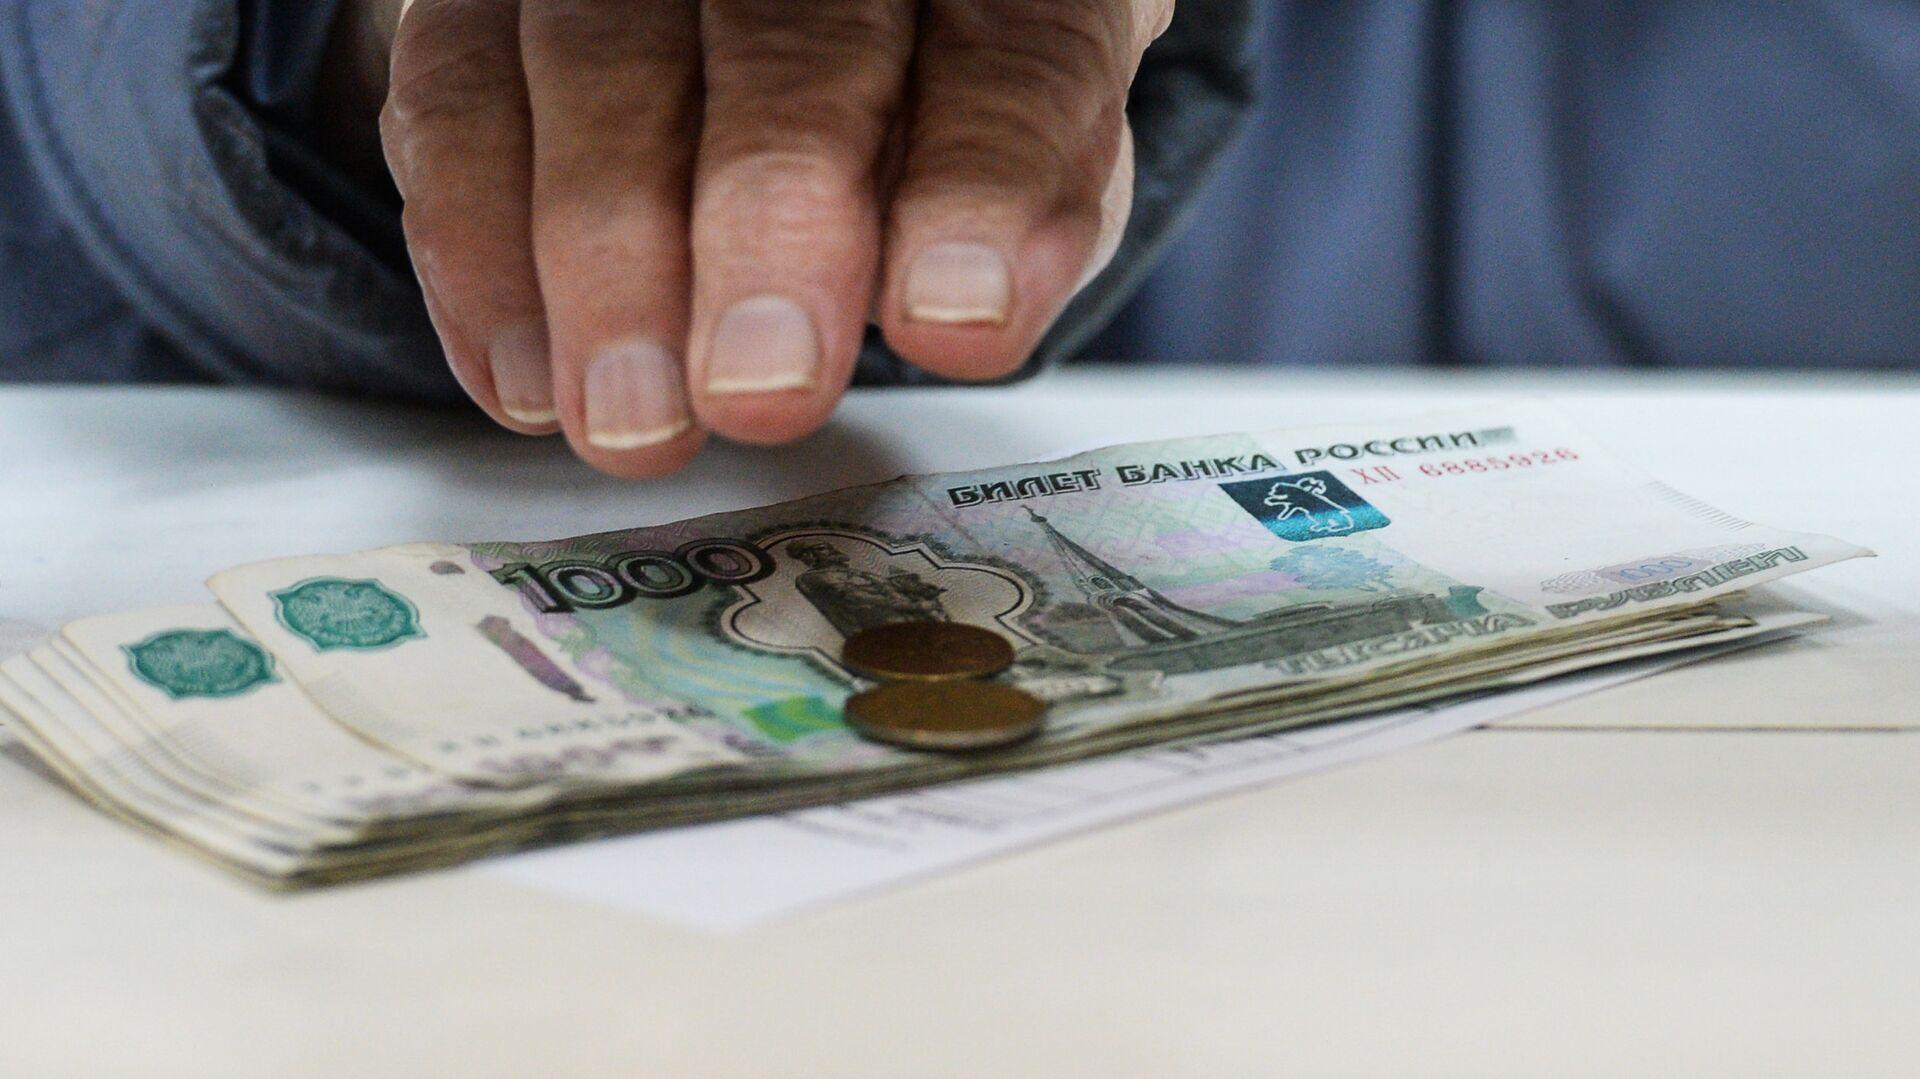 Пенсионер получает пенсию в одном из отделений Почты России - РИА Новости, 1920, 18.11.2020